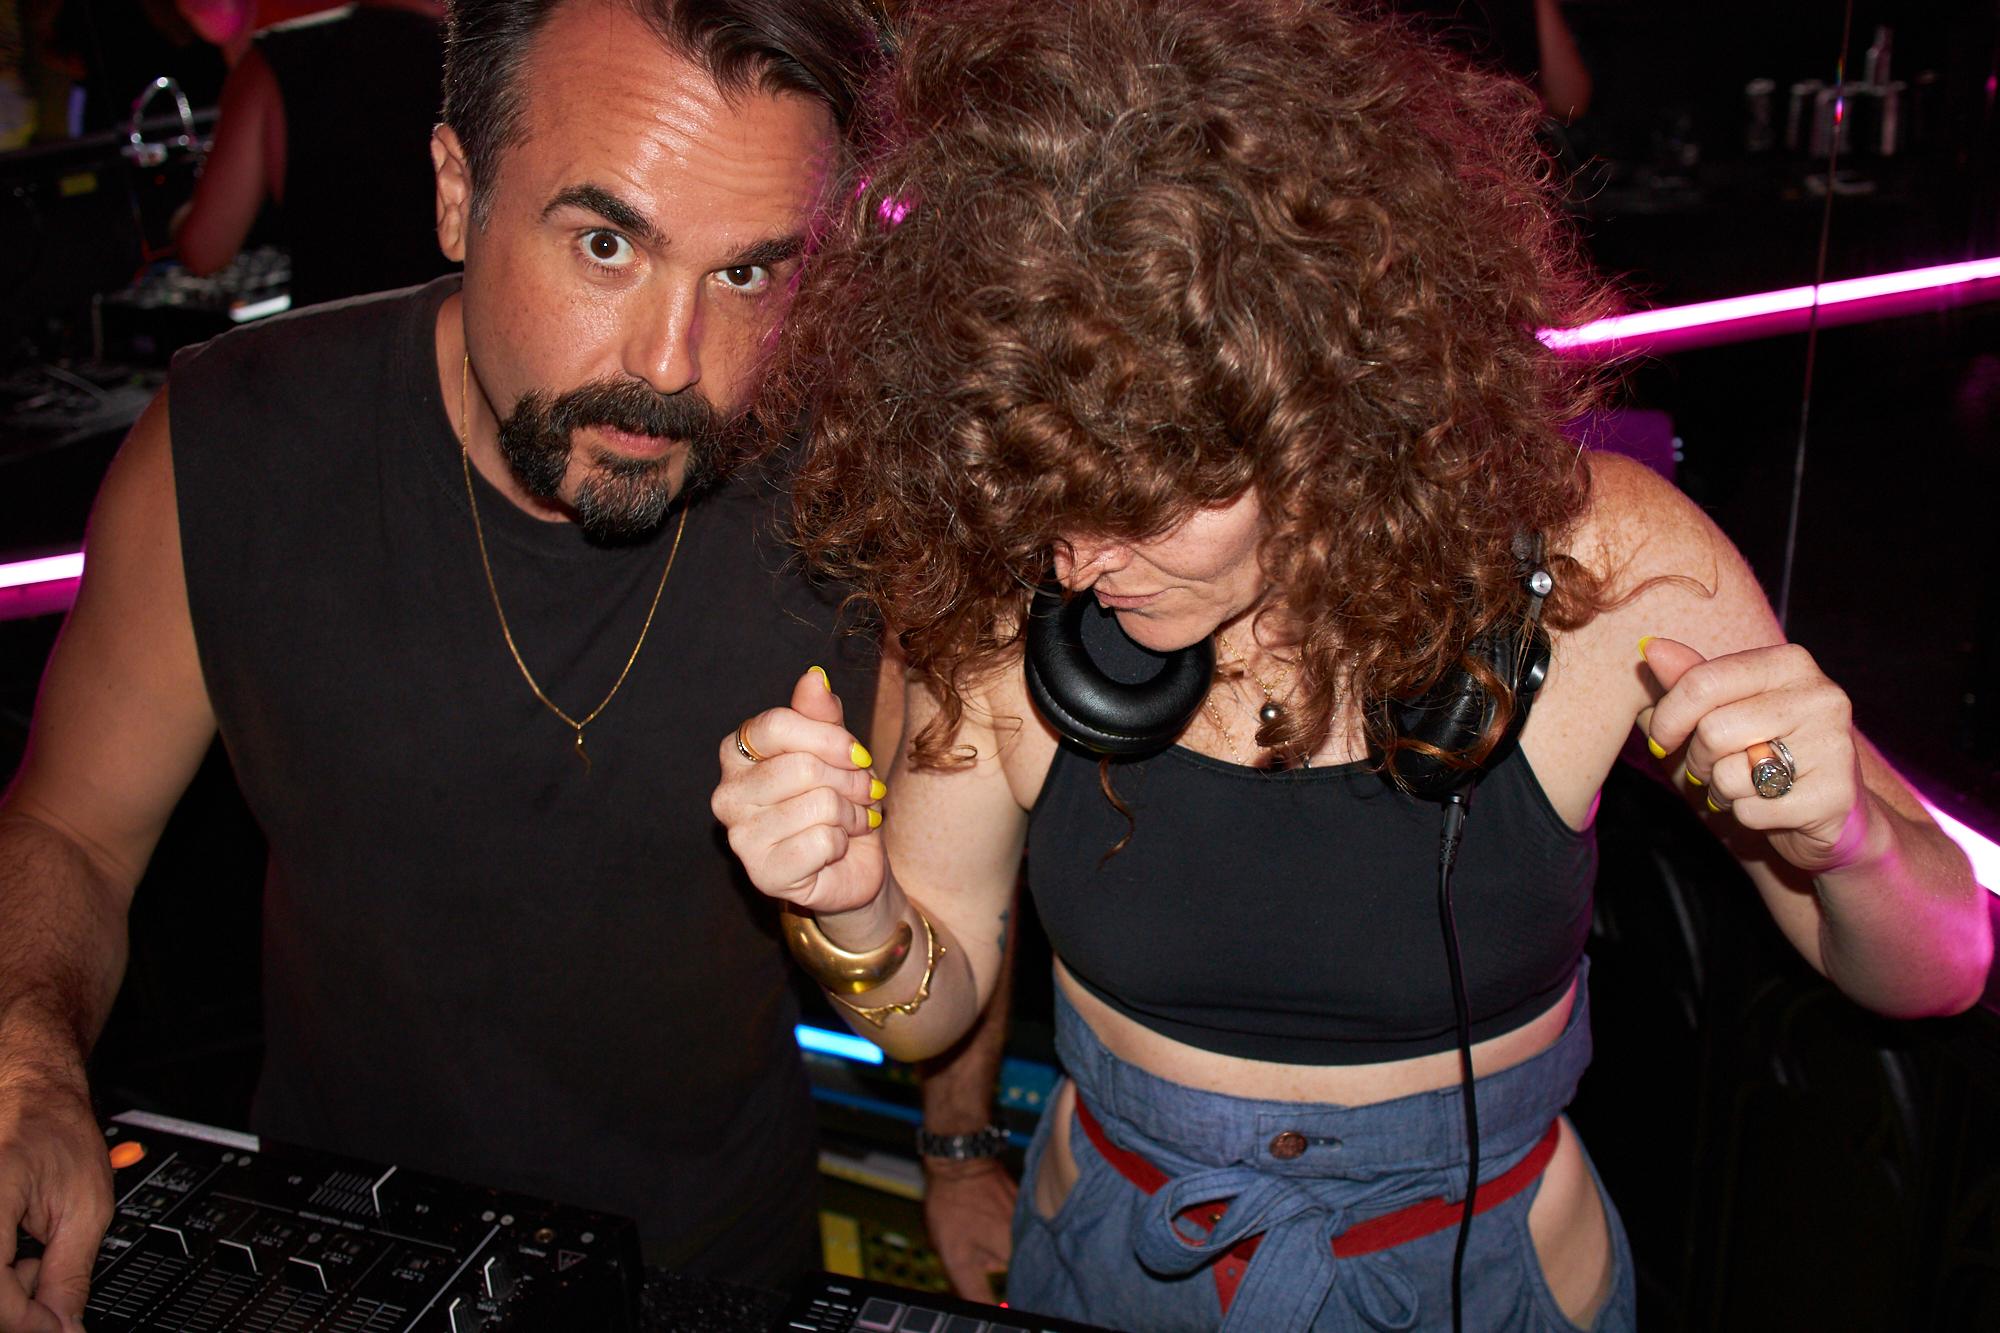 The-Naked-Heroes-DJing_01.jpg